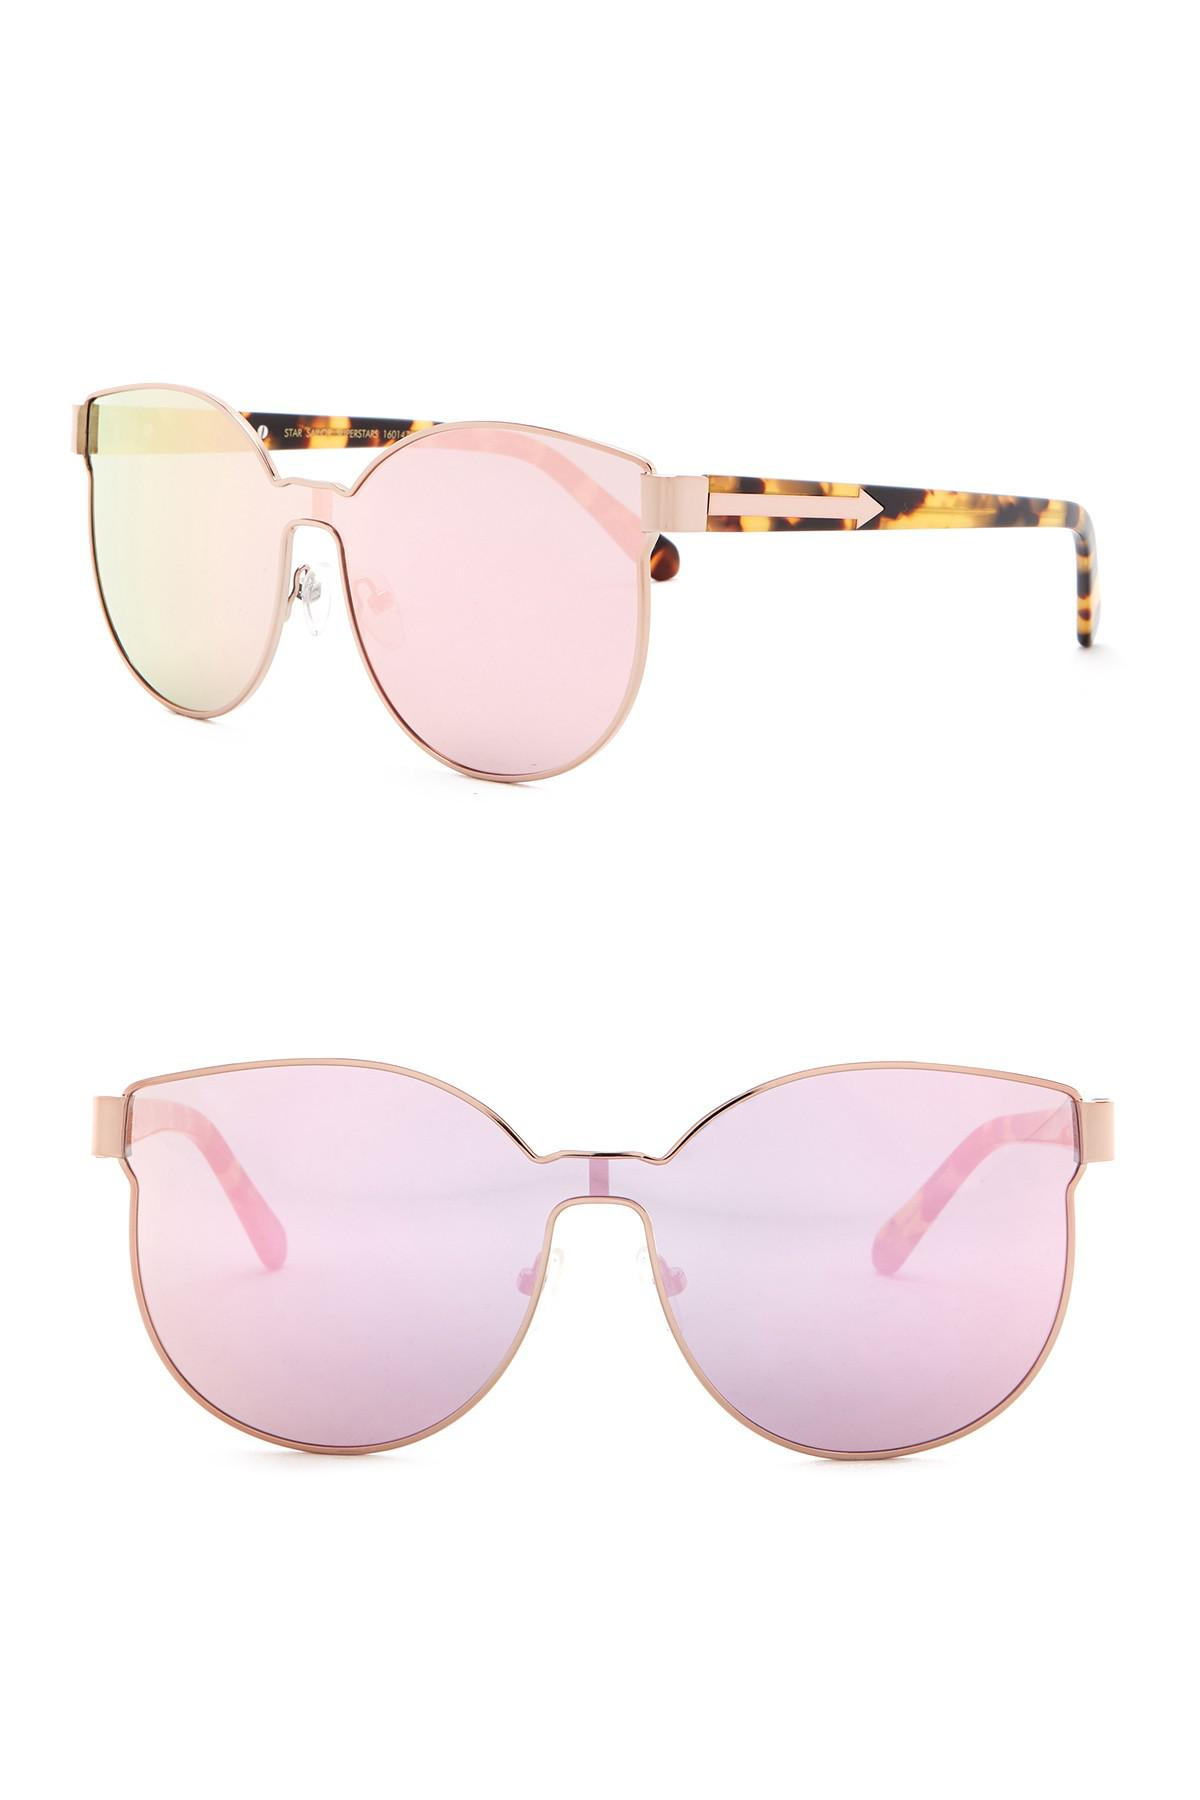 2fbe31e0e421 Lyst - Karen Walker Star Sailor Superstars Sunglasses in Pink